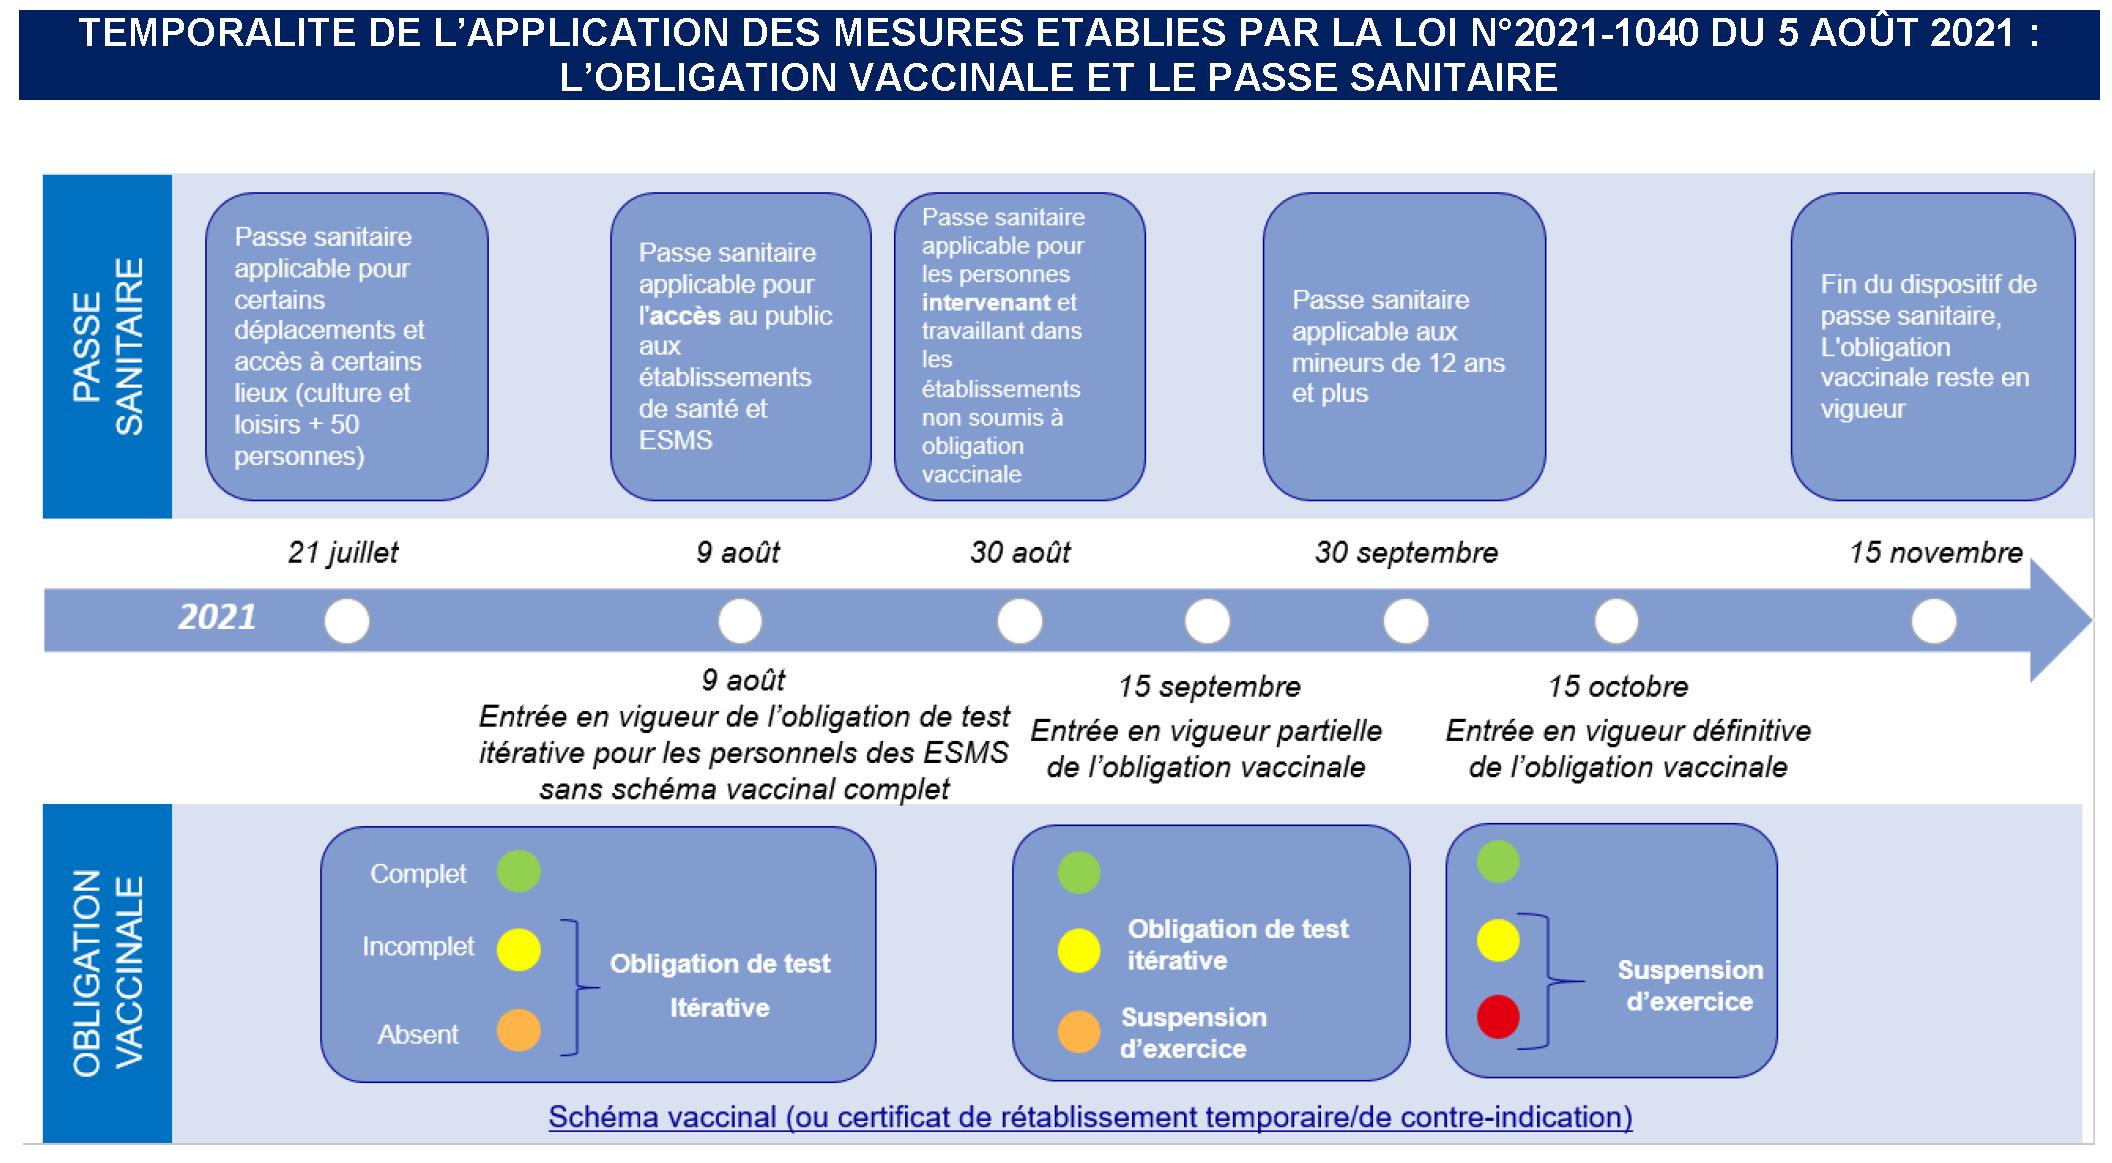 consignes_obligation_vaccinale_passe_sanitaire